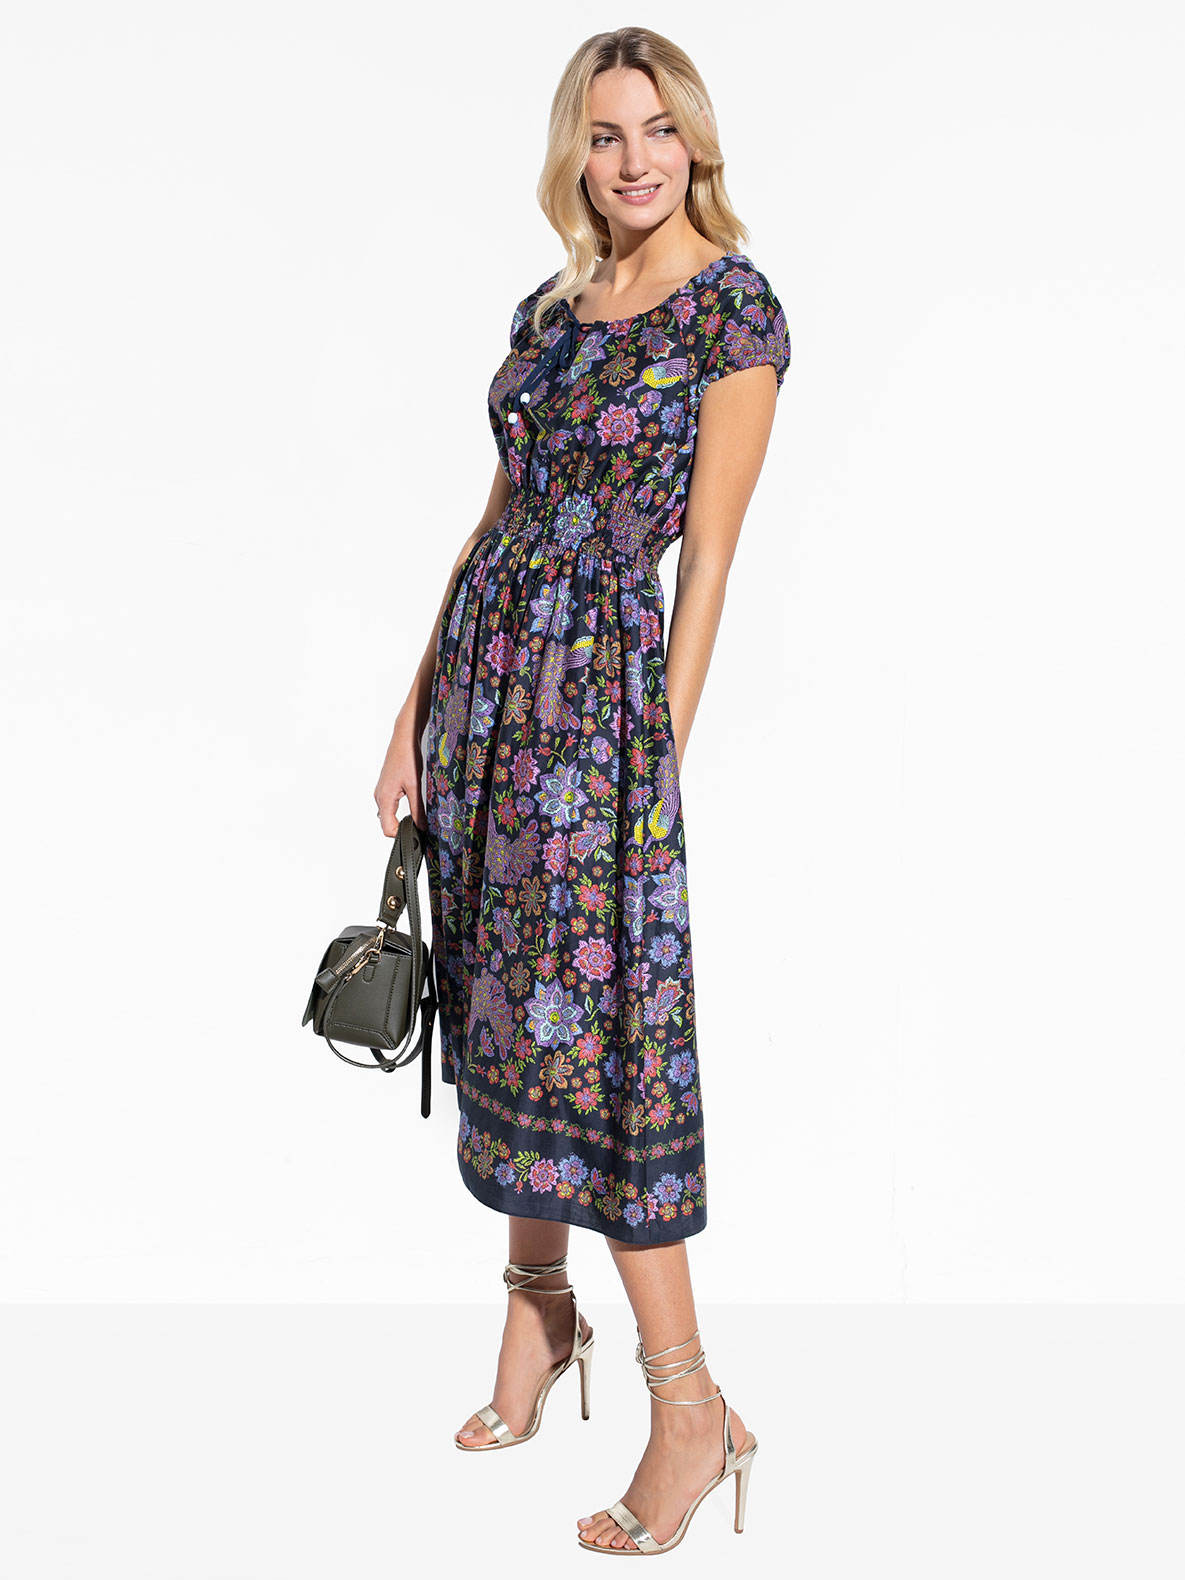 Dress May